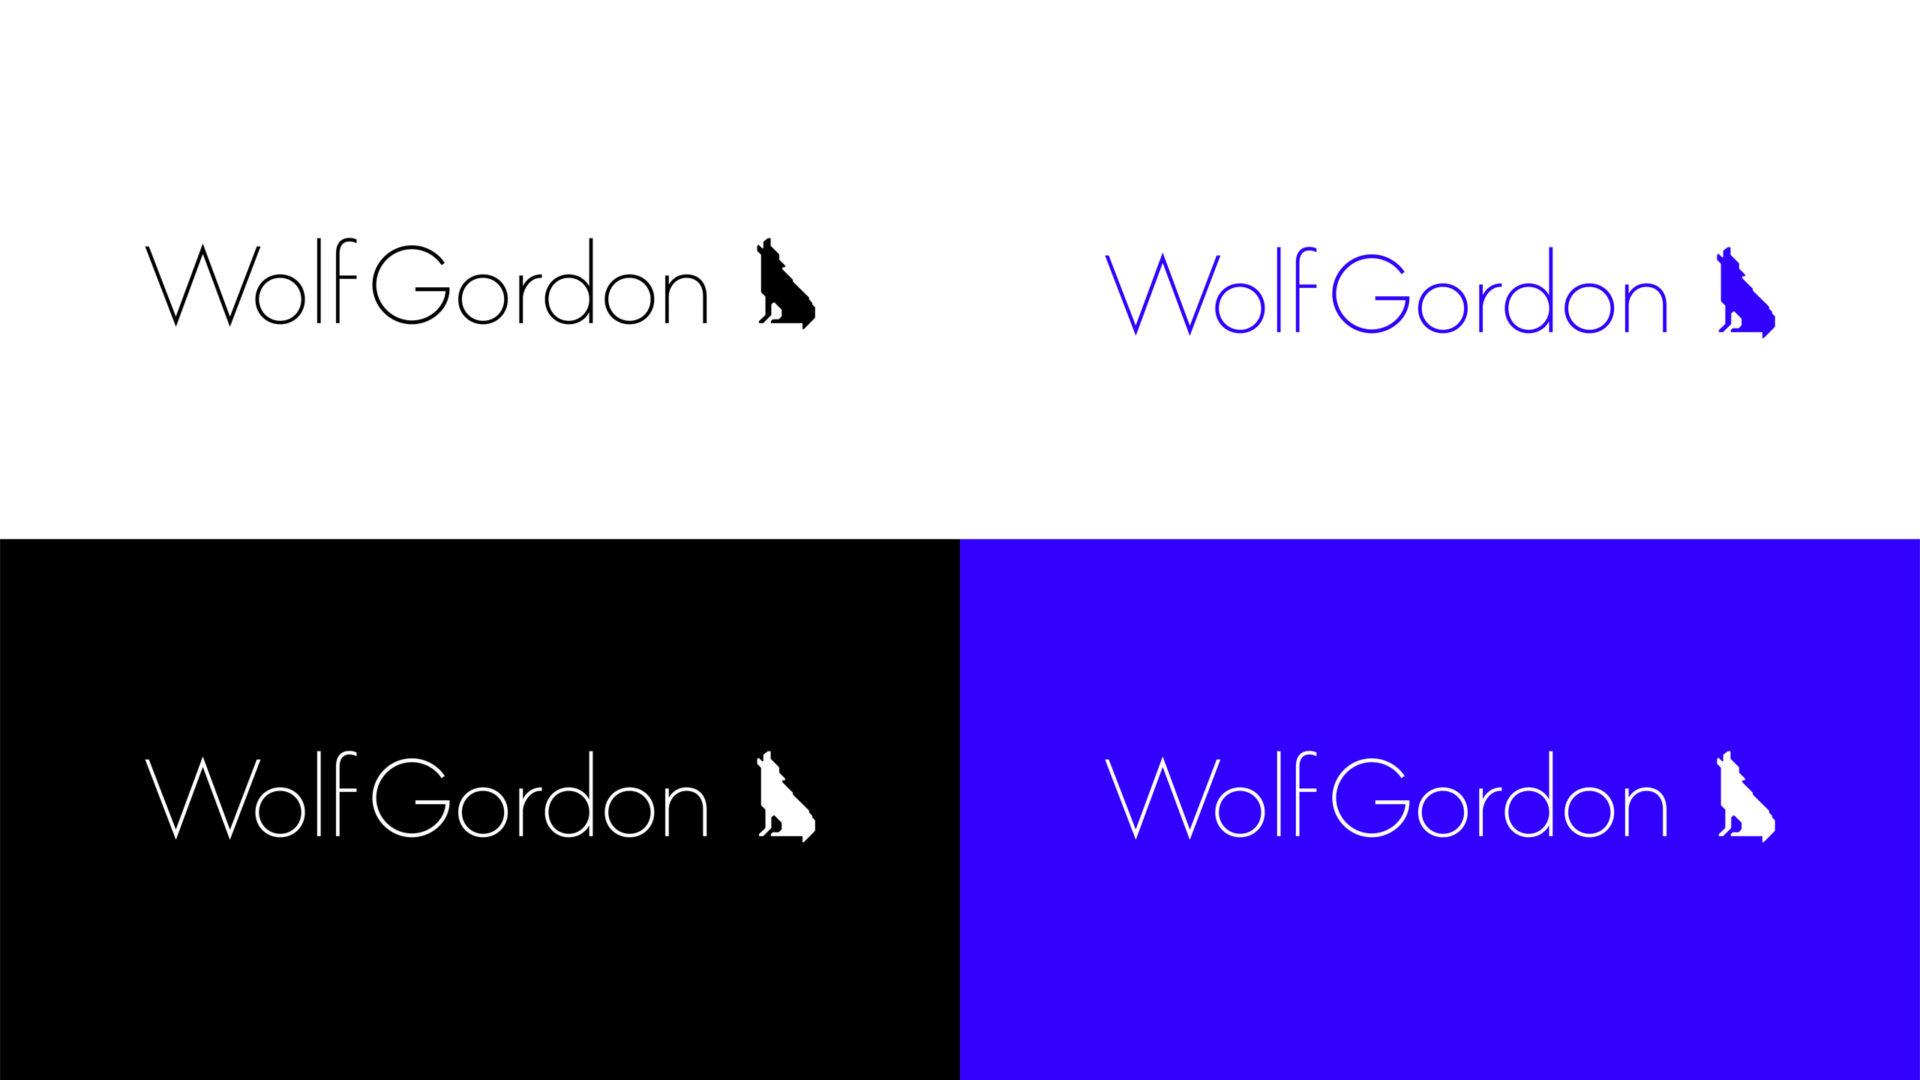 Wolf-Gordon logo update